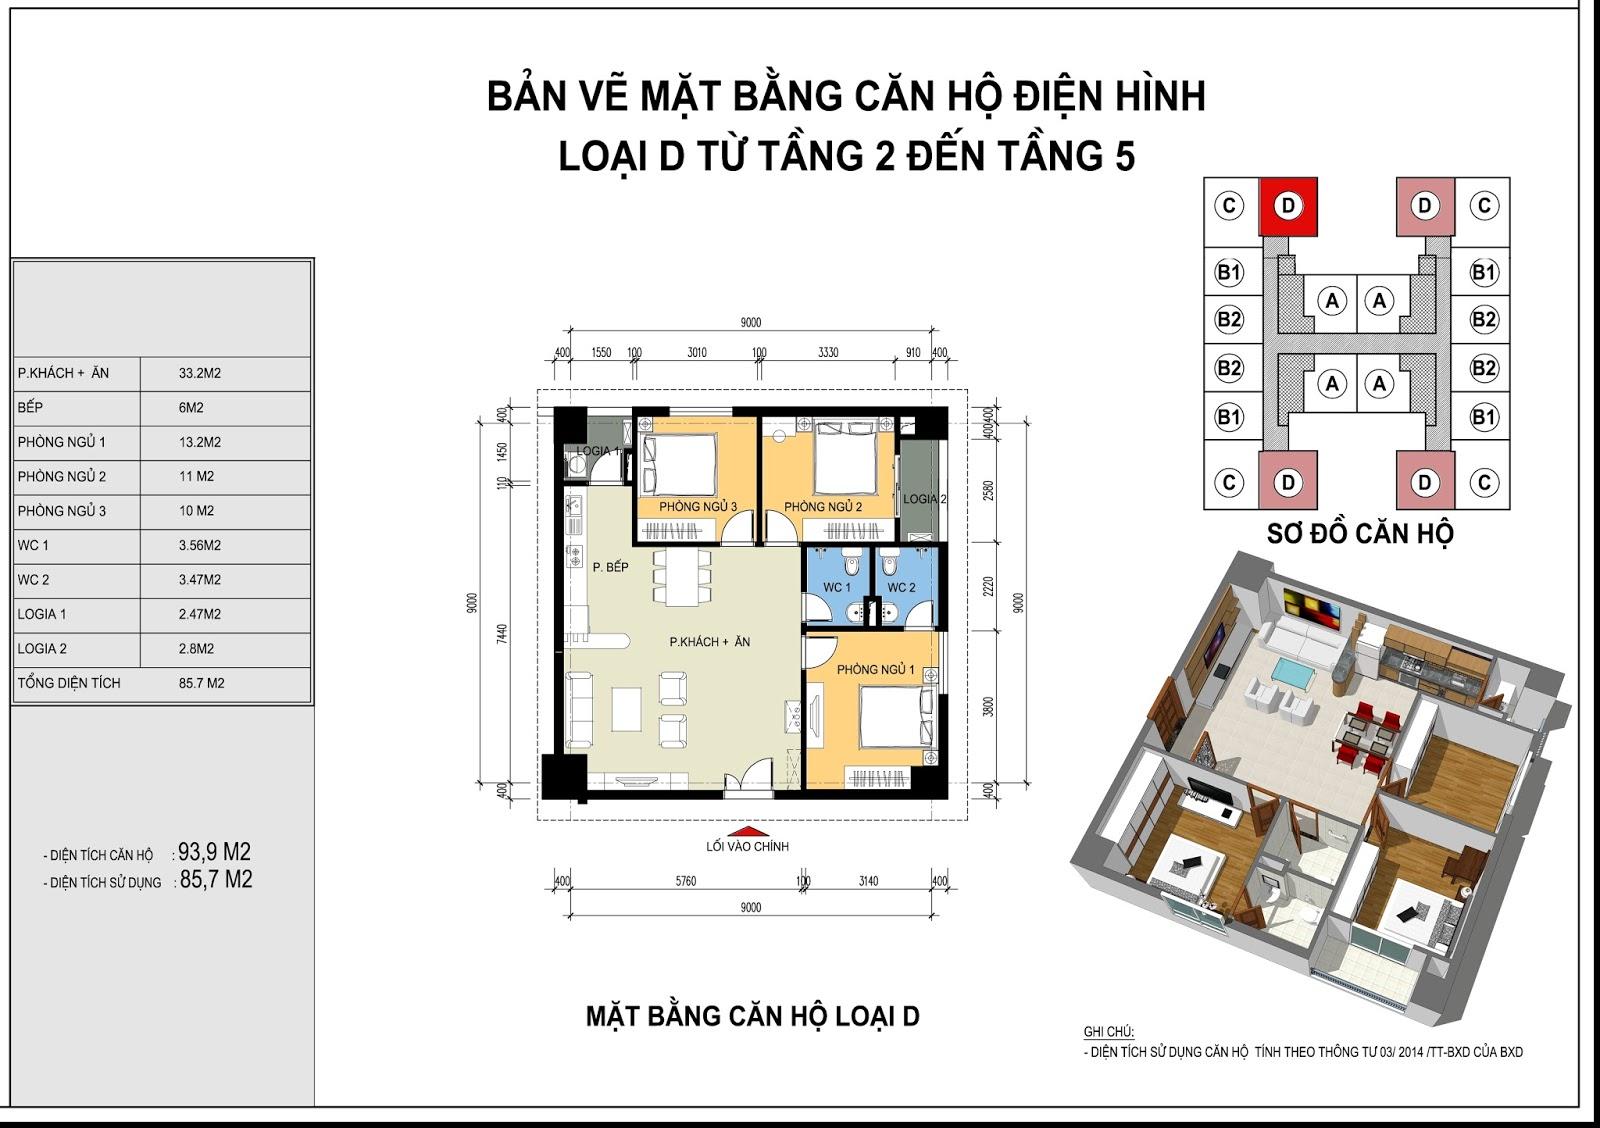 Mặt bằng căn hộ điển hình loại B từ tầng 2 - 15